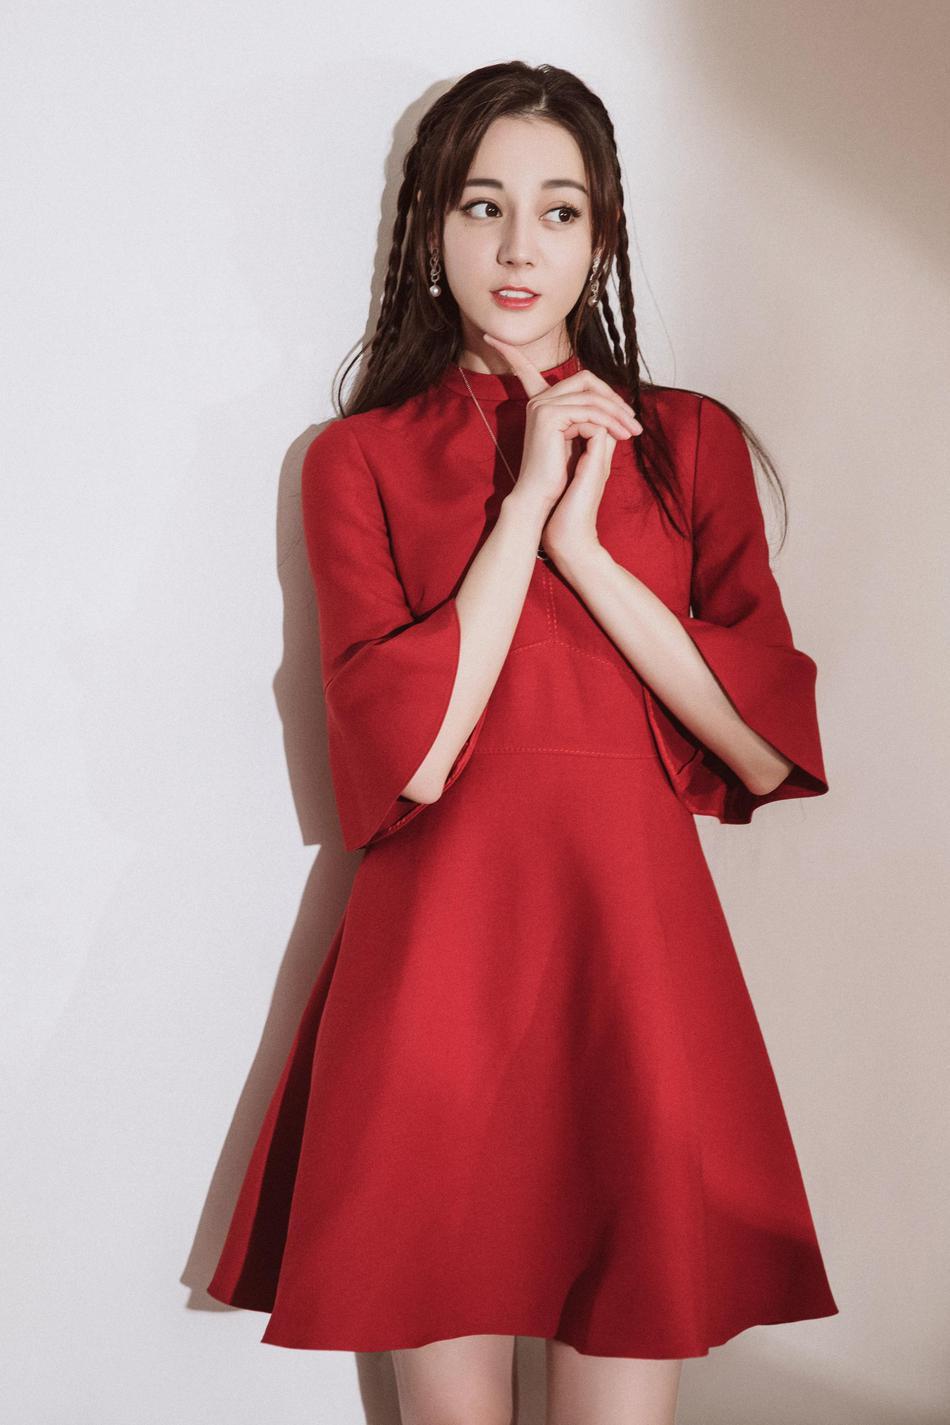 Hậu trường Gala chào xuân rực sắc đỏ mừng năm mới của Địch Lệ Nhiệt Ba - Dương Tử cùng dàn sao đình đám - Ảnh 2.